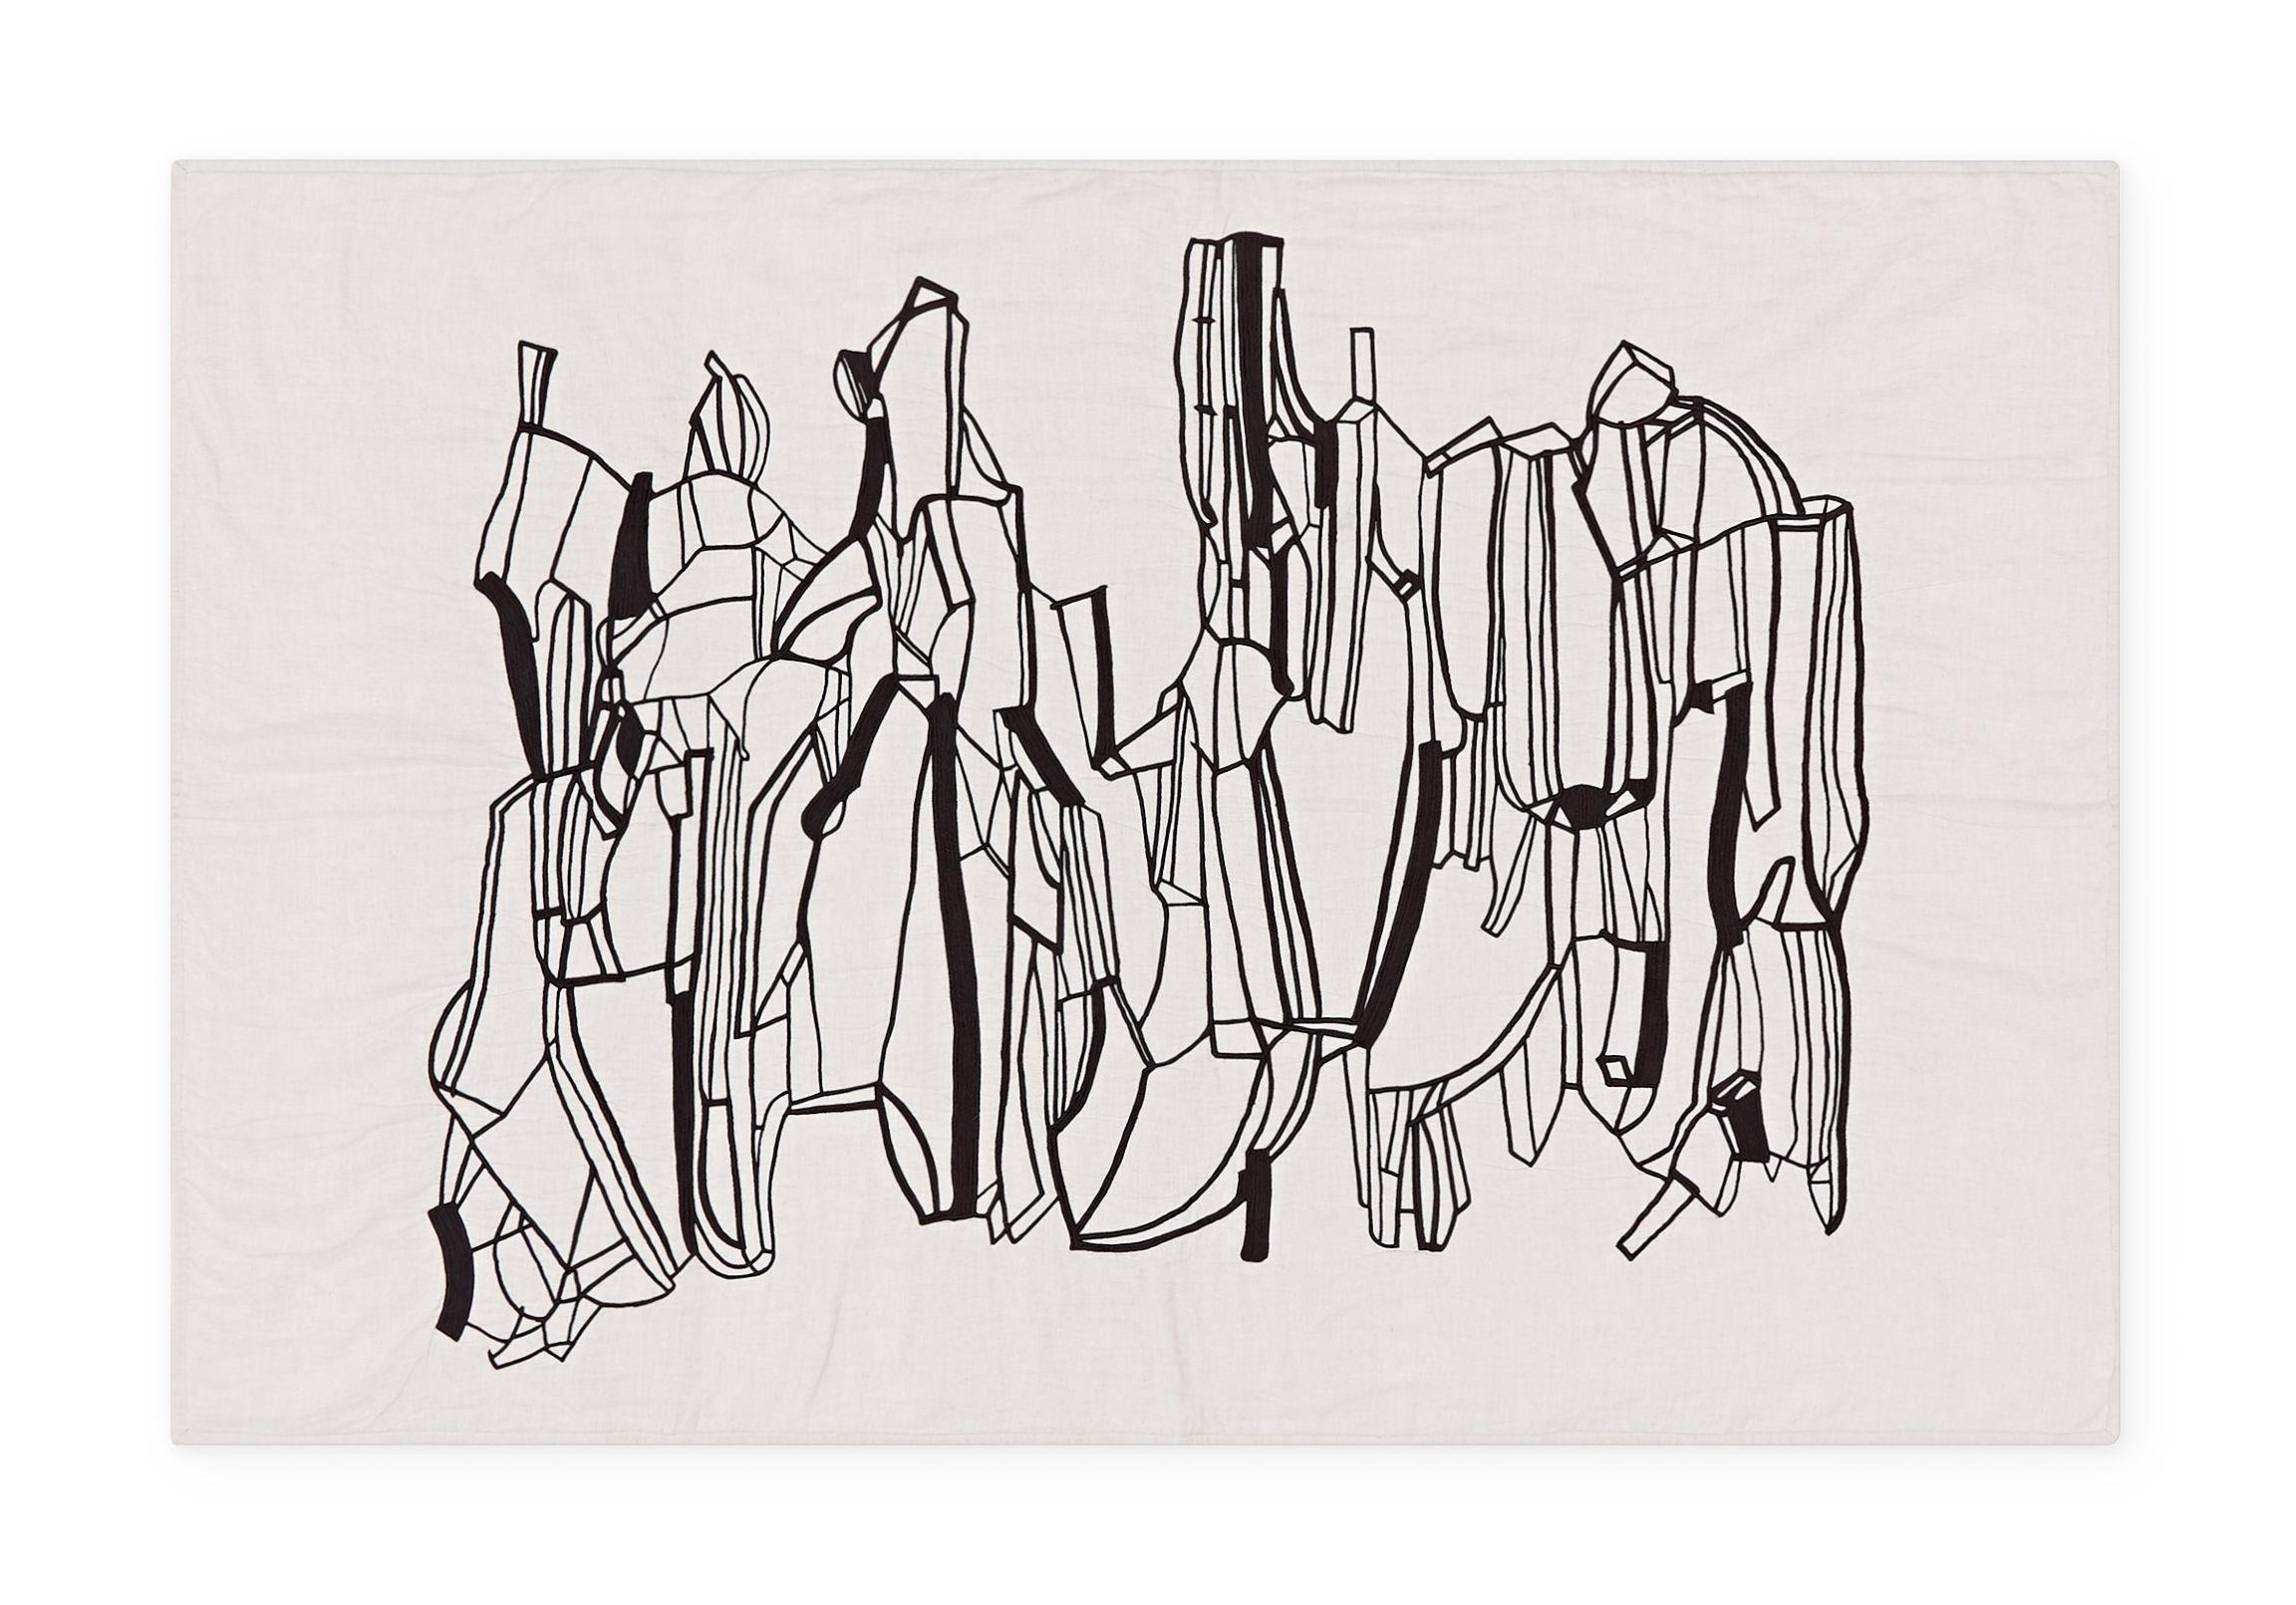 Decoration - Bedding & Bath Towels - Geo Plaid - / Plaid - 130 × 200 cm by Tom Dixon - Black & White - Cotton, Linen